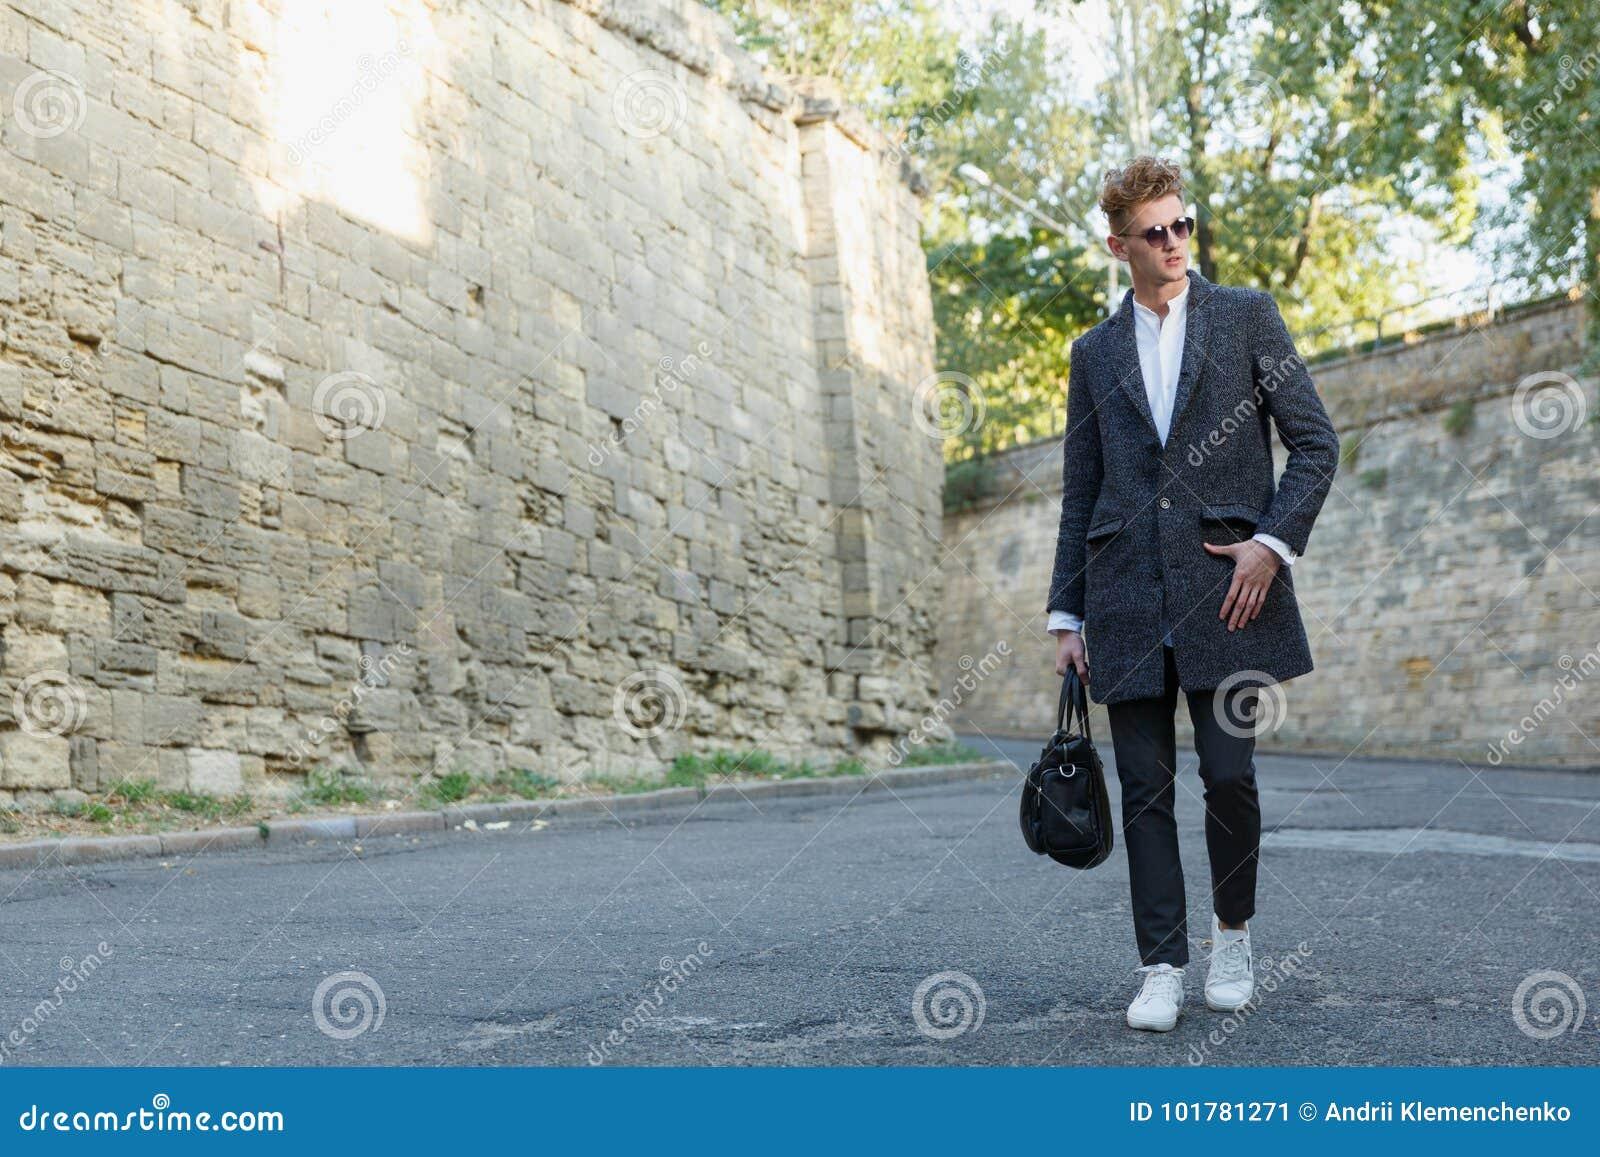 Een jonge, lange, professionele zakenman loopt onderaan de straat in een laag met een klassieke aktentas